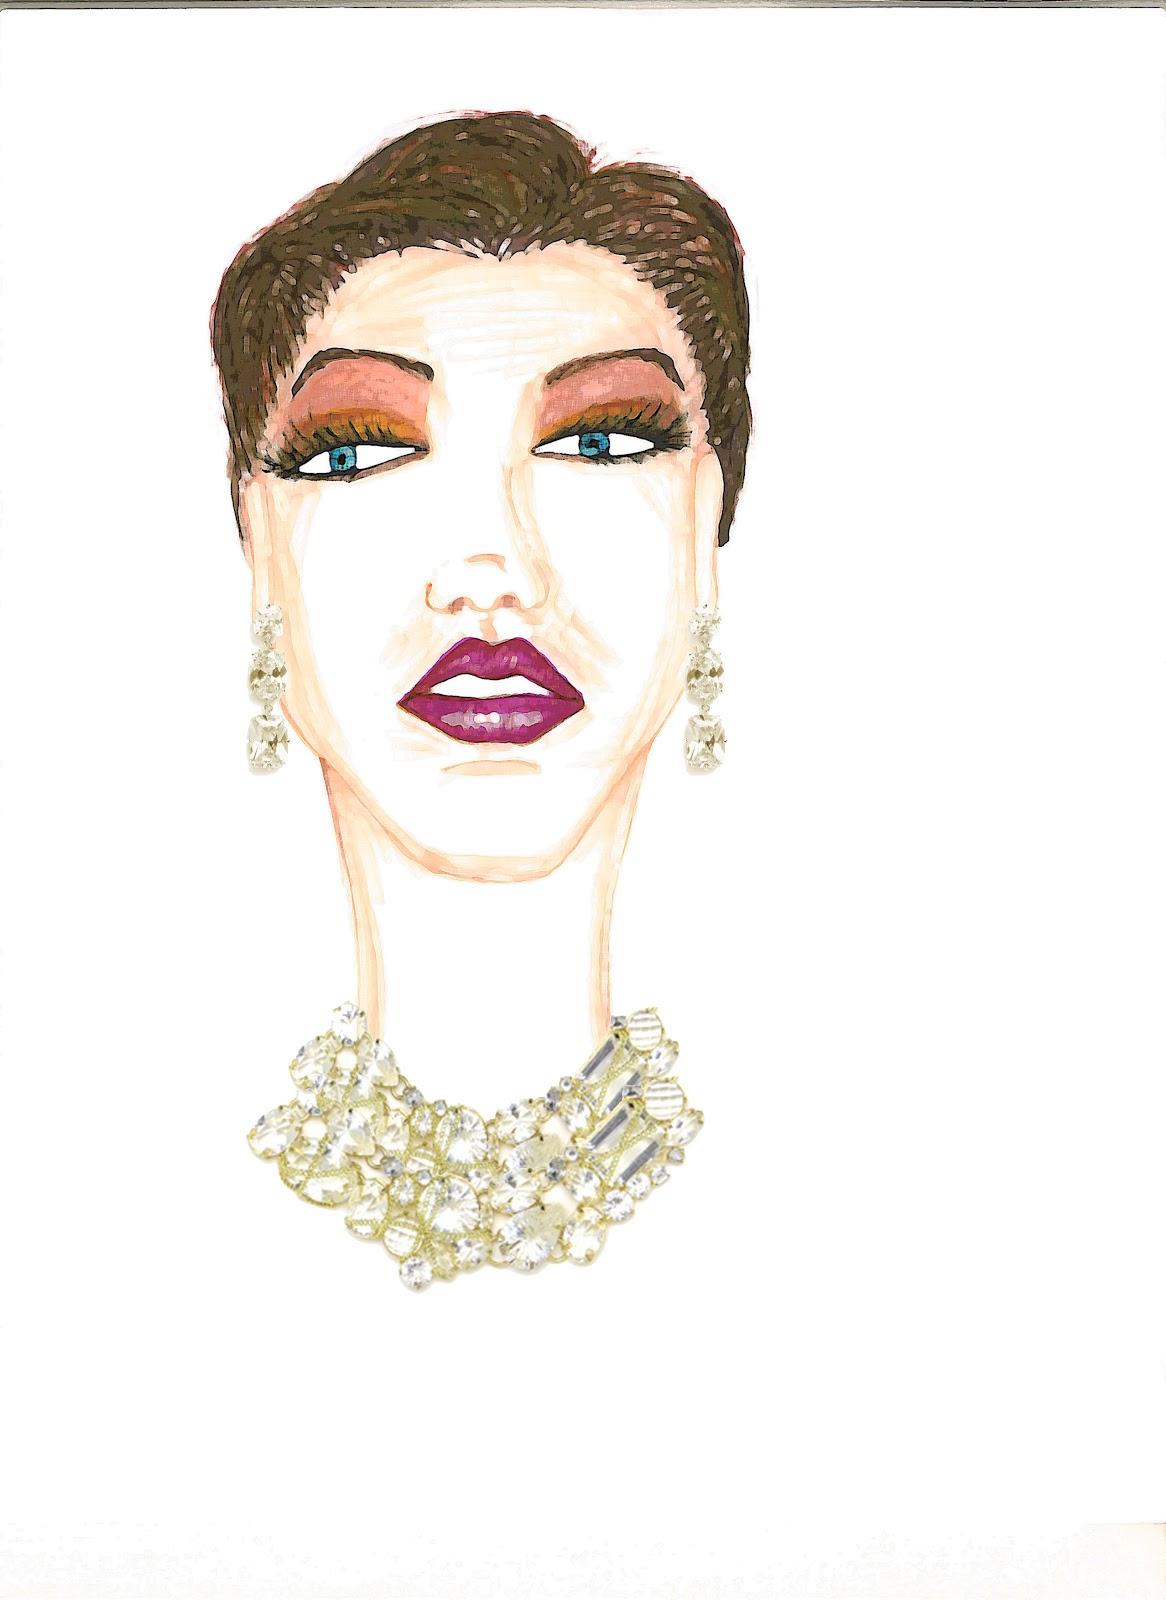 http://4.bp.blogspot.com/-9qHjjdxkVsw/T58gQE9l71I/AAAAAAAAAsE/usZP-XCyaFU/s1600/Illustration+copy.jpg